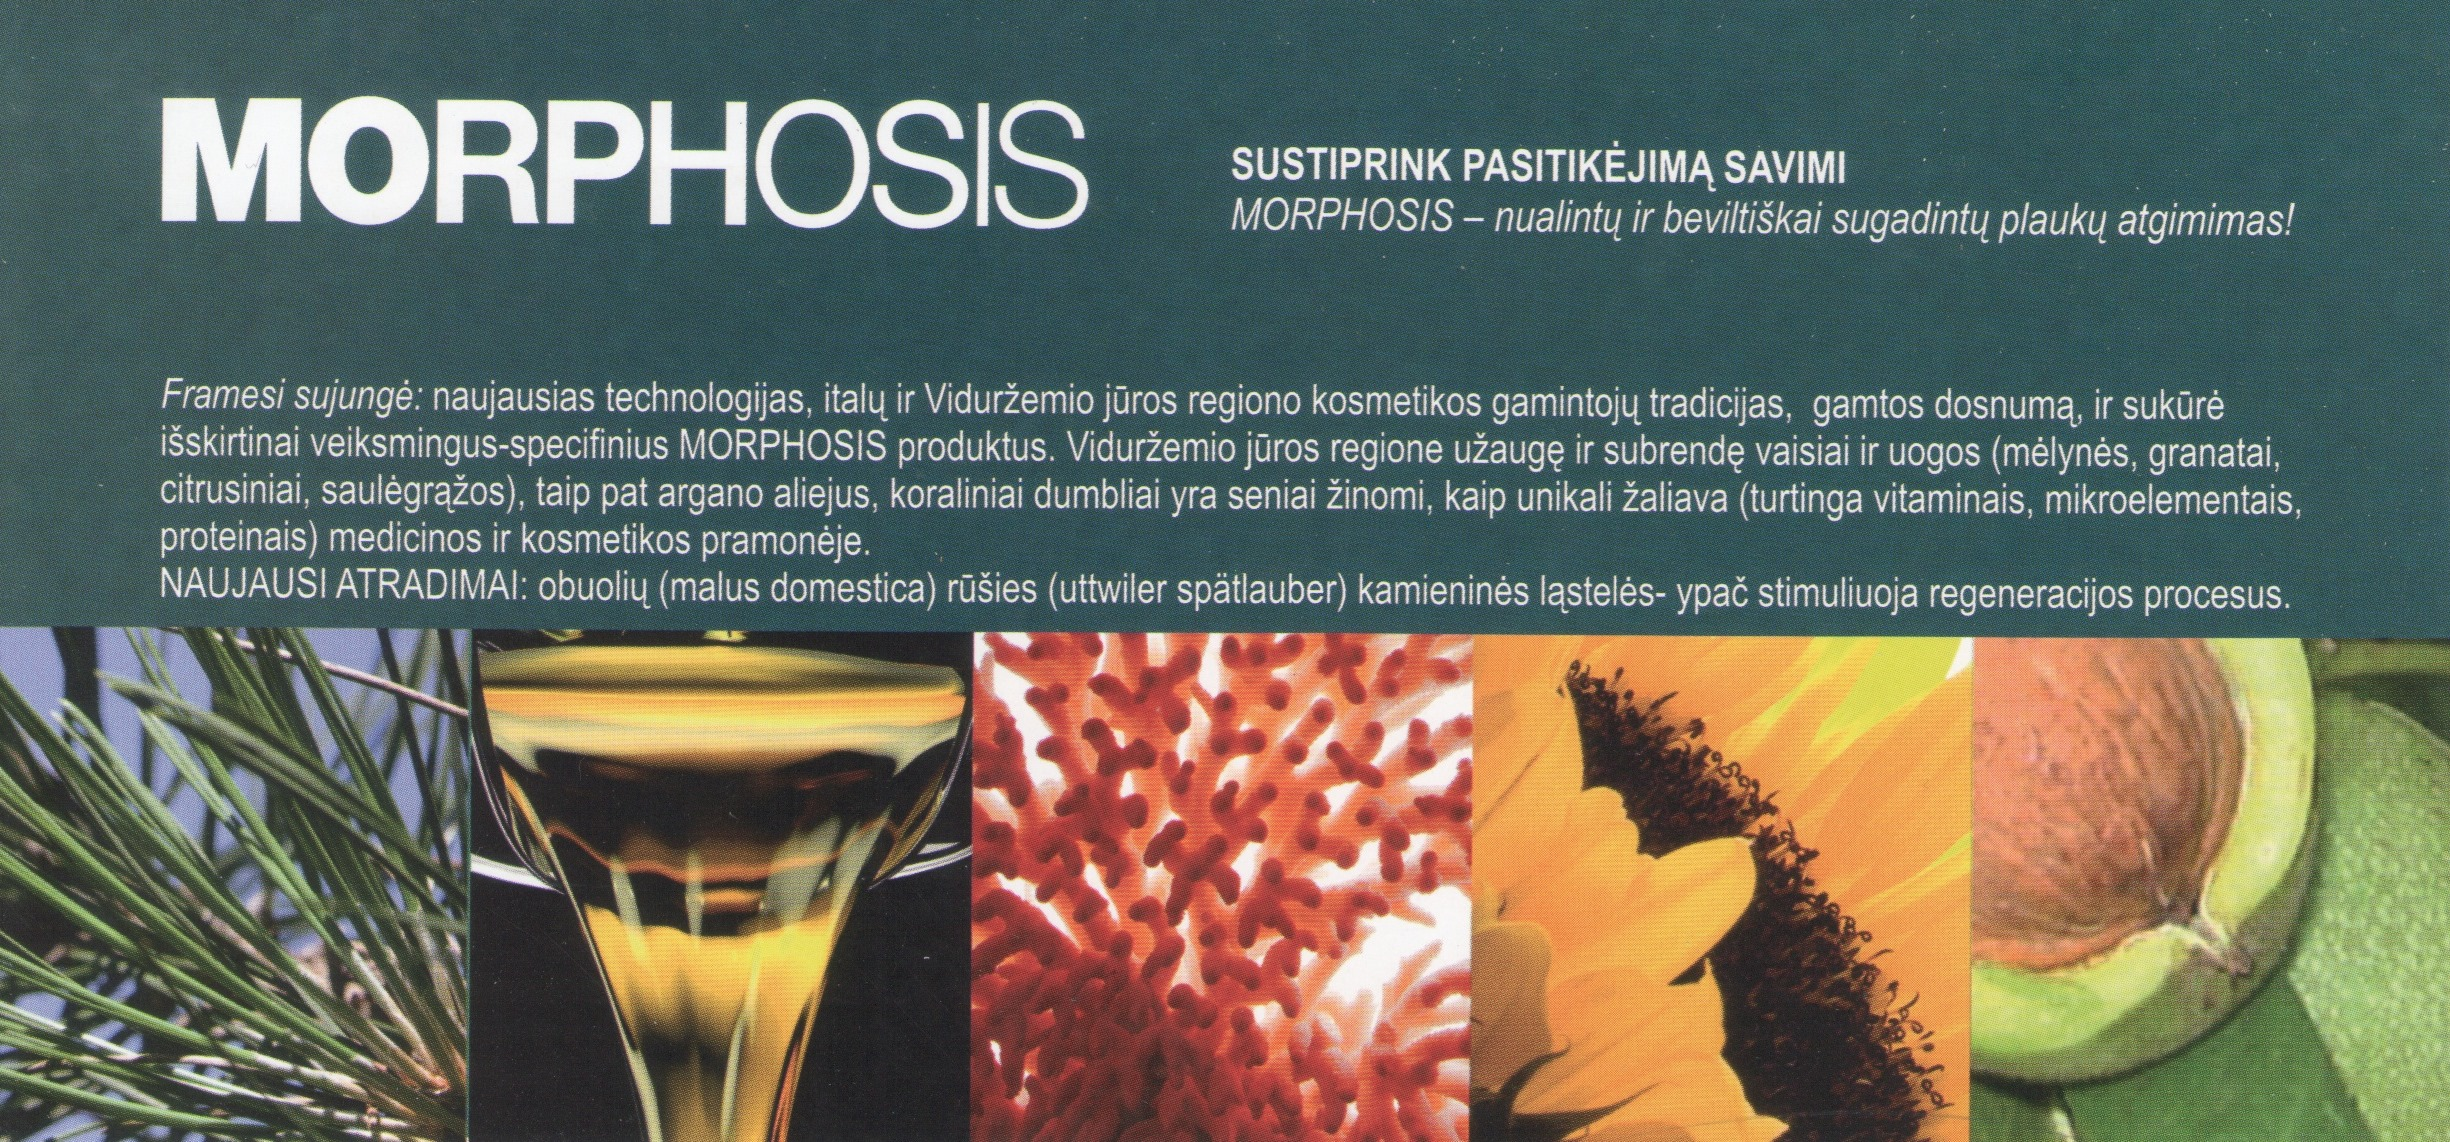 Morphosis - plaukų priežiūra